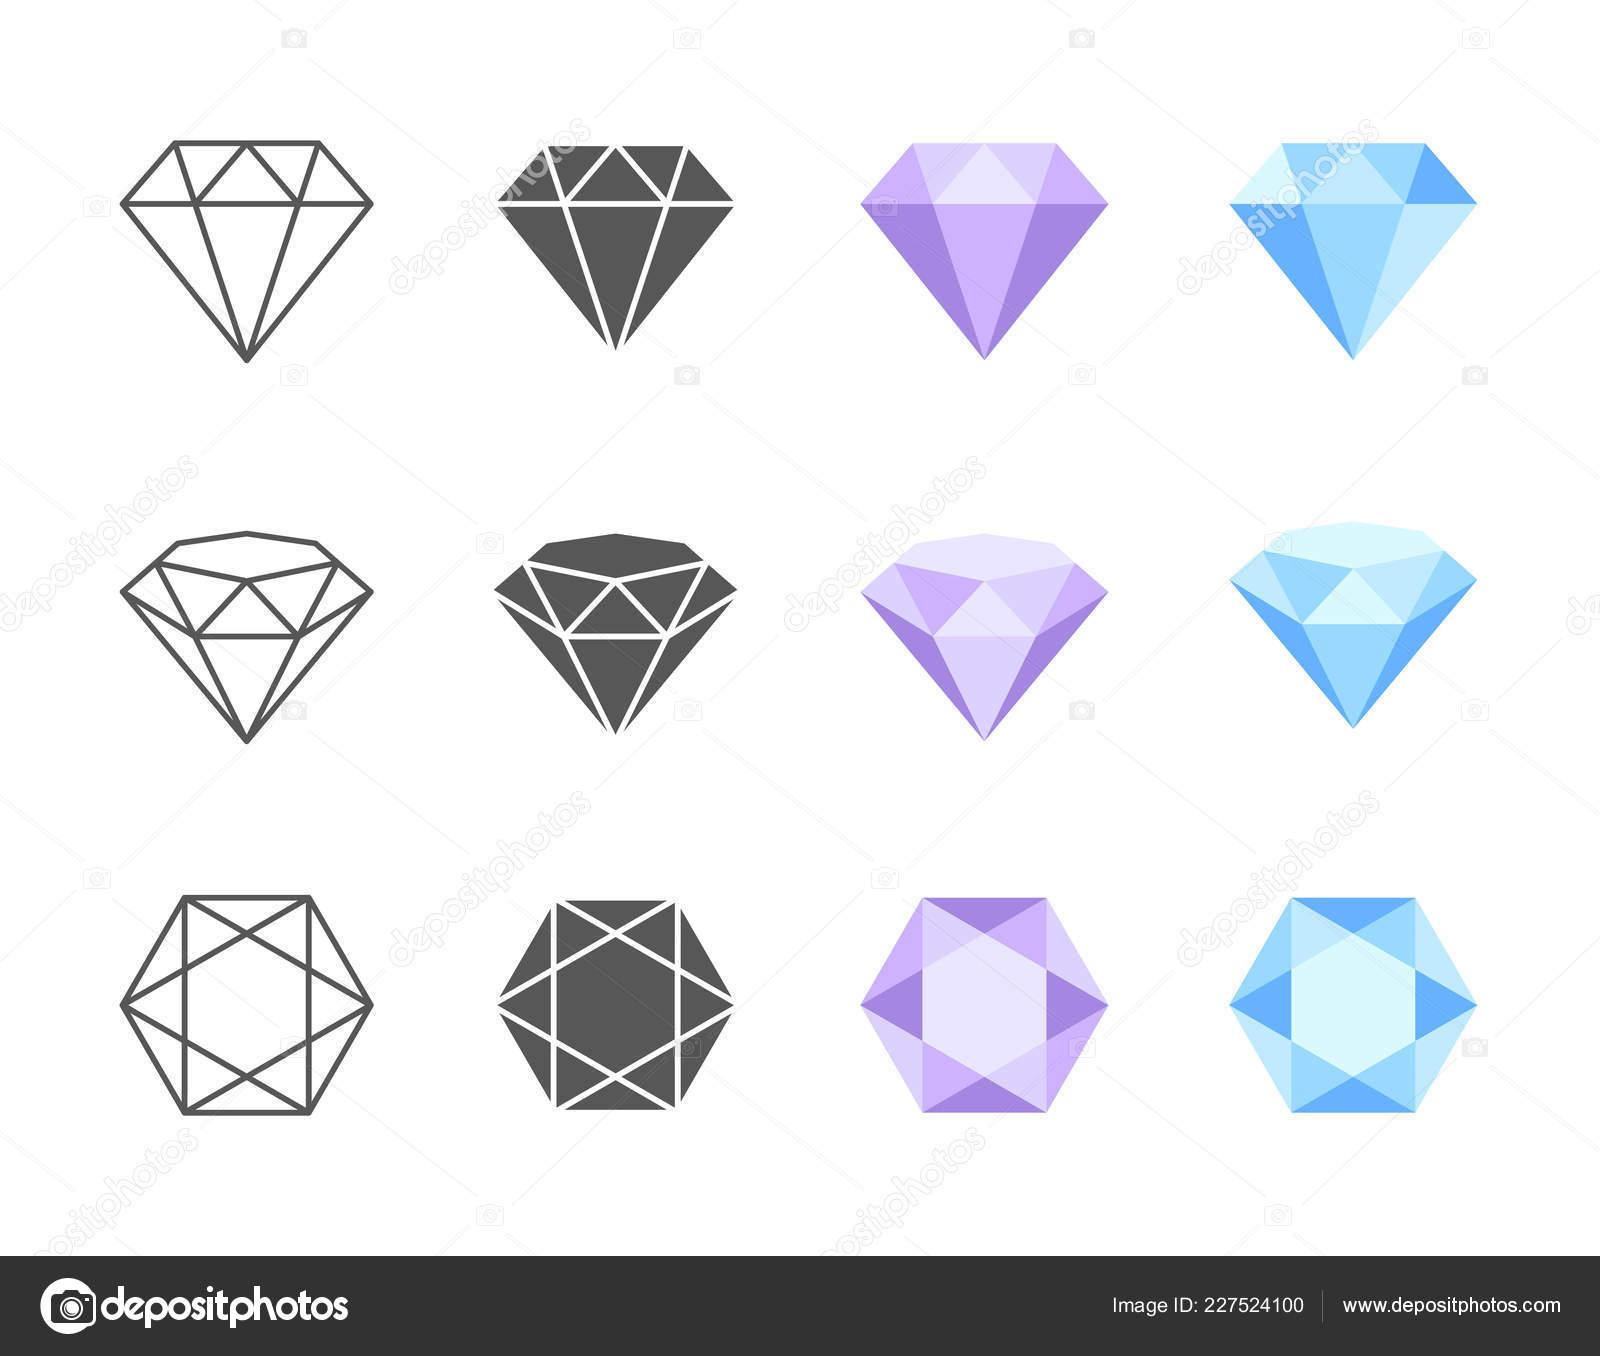 Kolekce Barevnych Cernobilych Vektorovych Ikon Diamantu Strane Tri